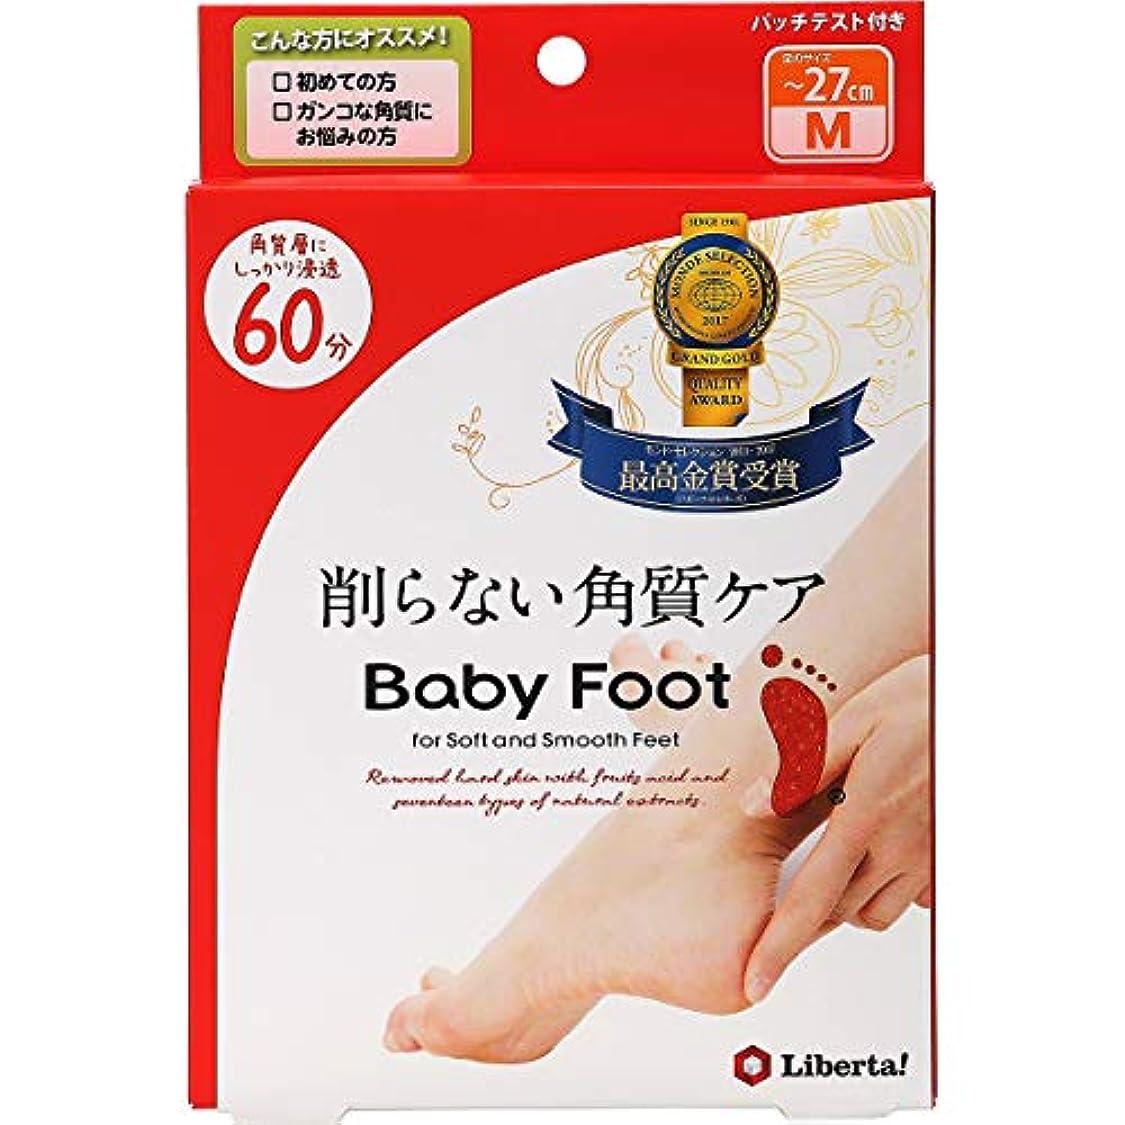 市民専門知識本当にベビーフット (Baby Foot) ベビーフット イージーパック SPT60分タイプ Mサイズ 単品